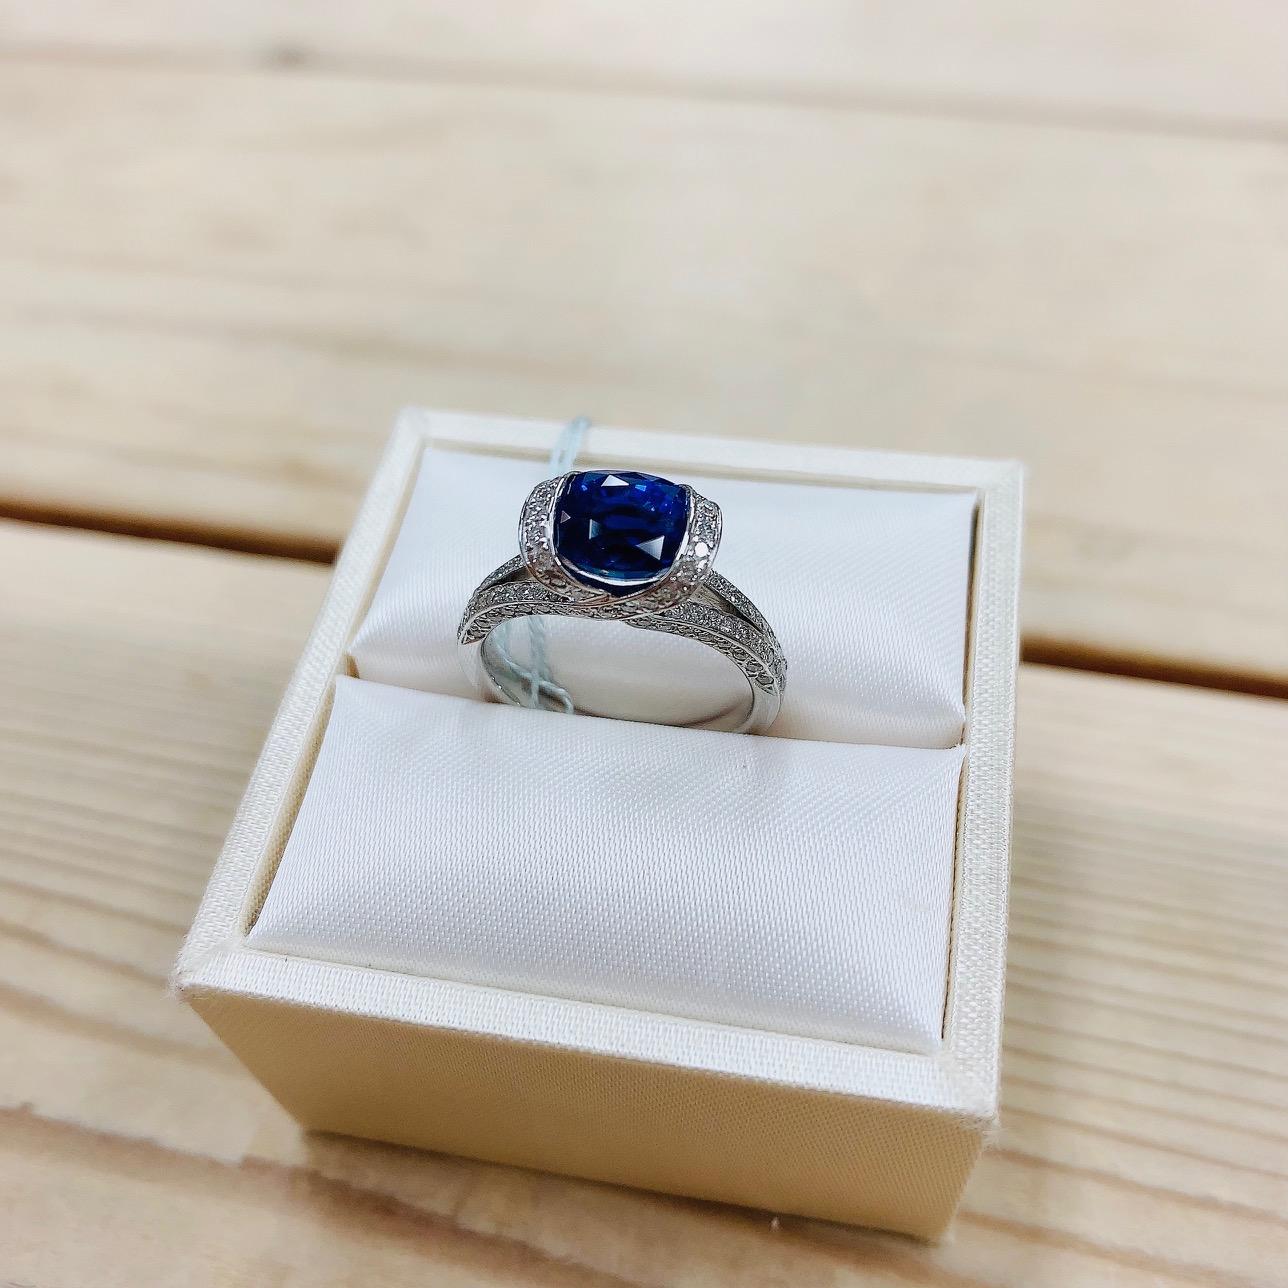 青い揺らめく輝きが美しい天空の宝石サファイヤでロマンチックなプロポーズ